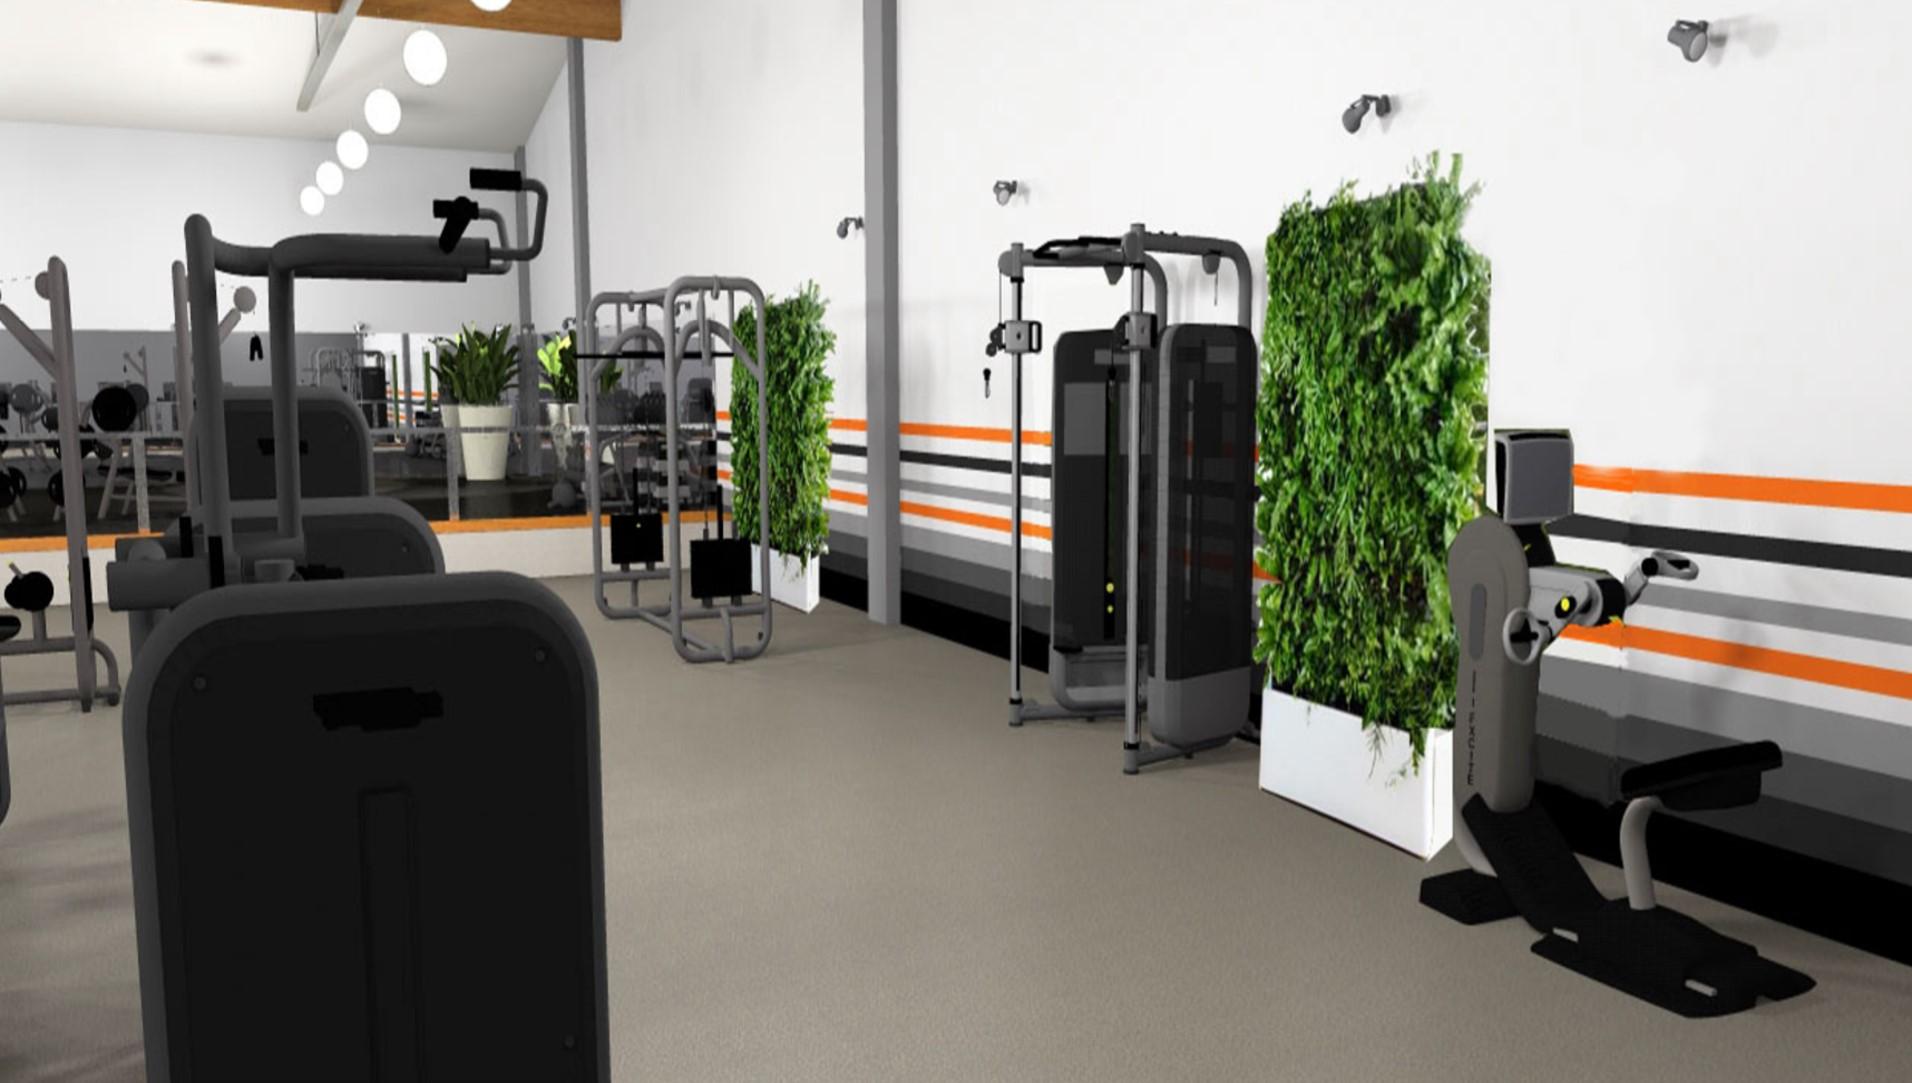 Liikuntakeskus Hukka